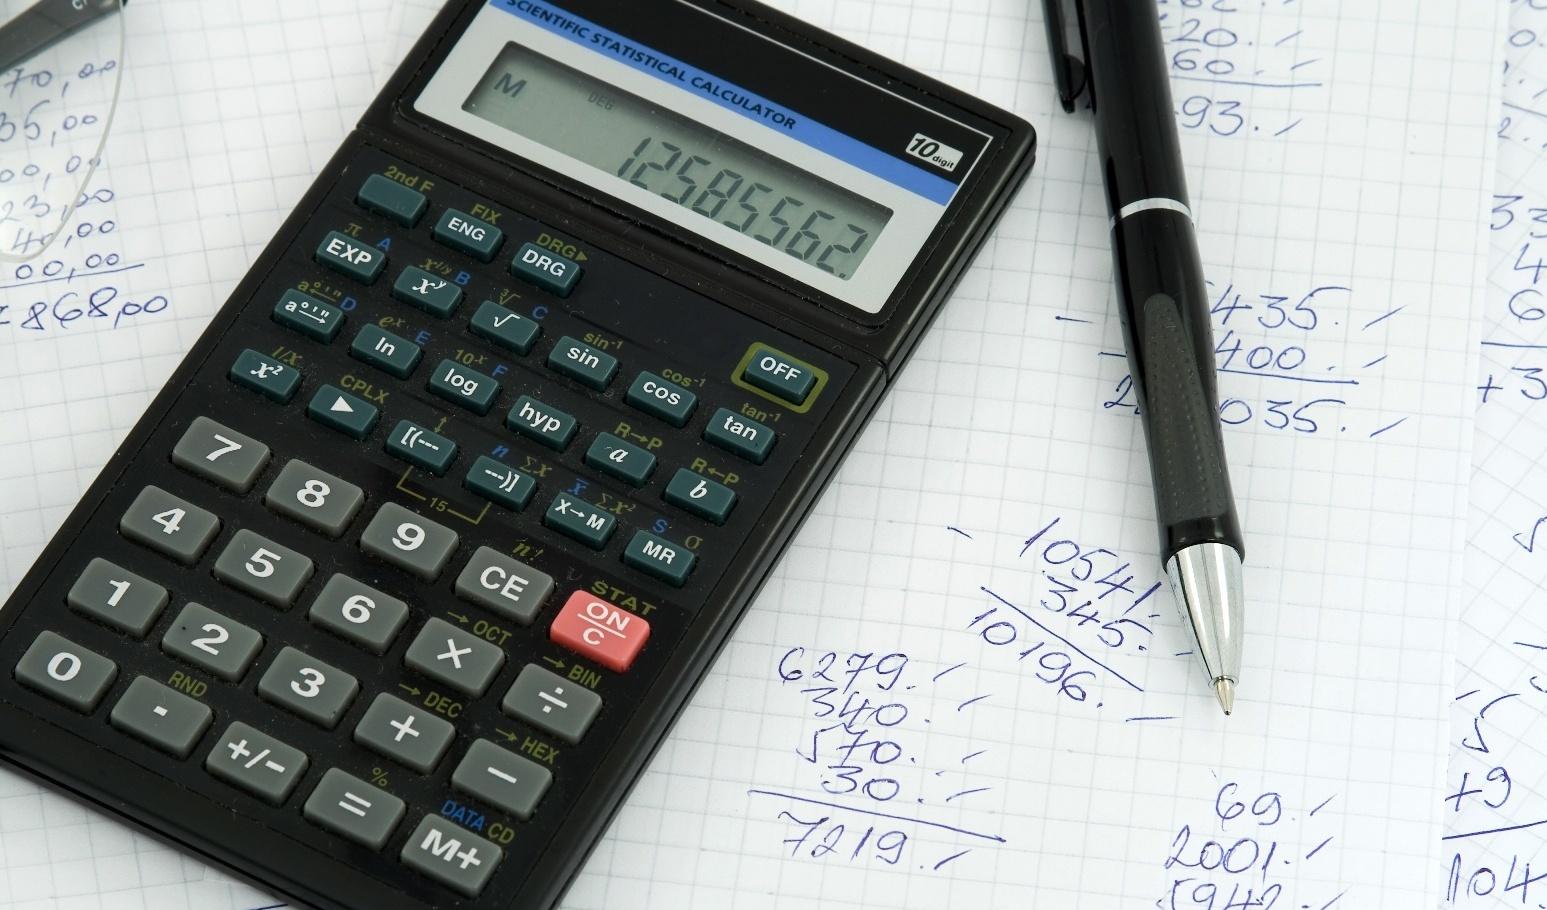 anggaran rumah tangga